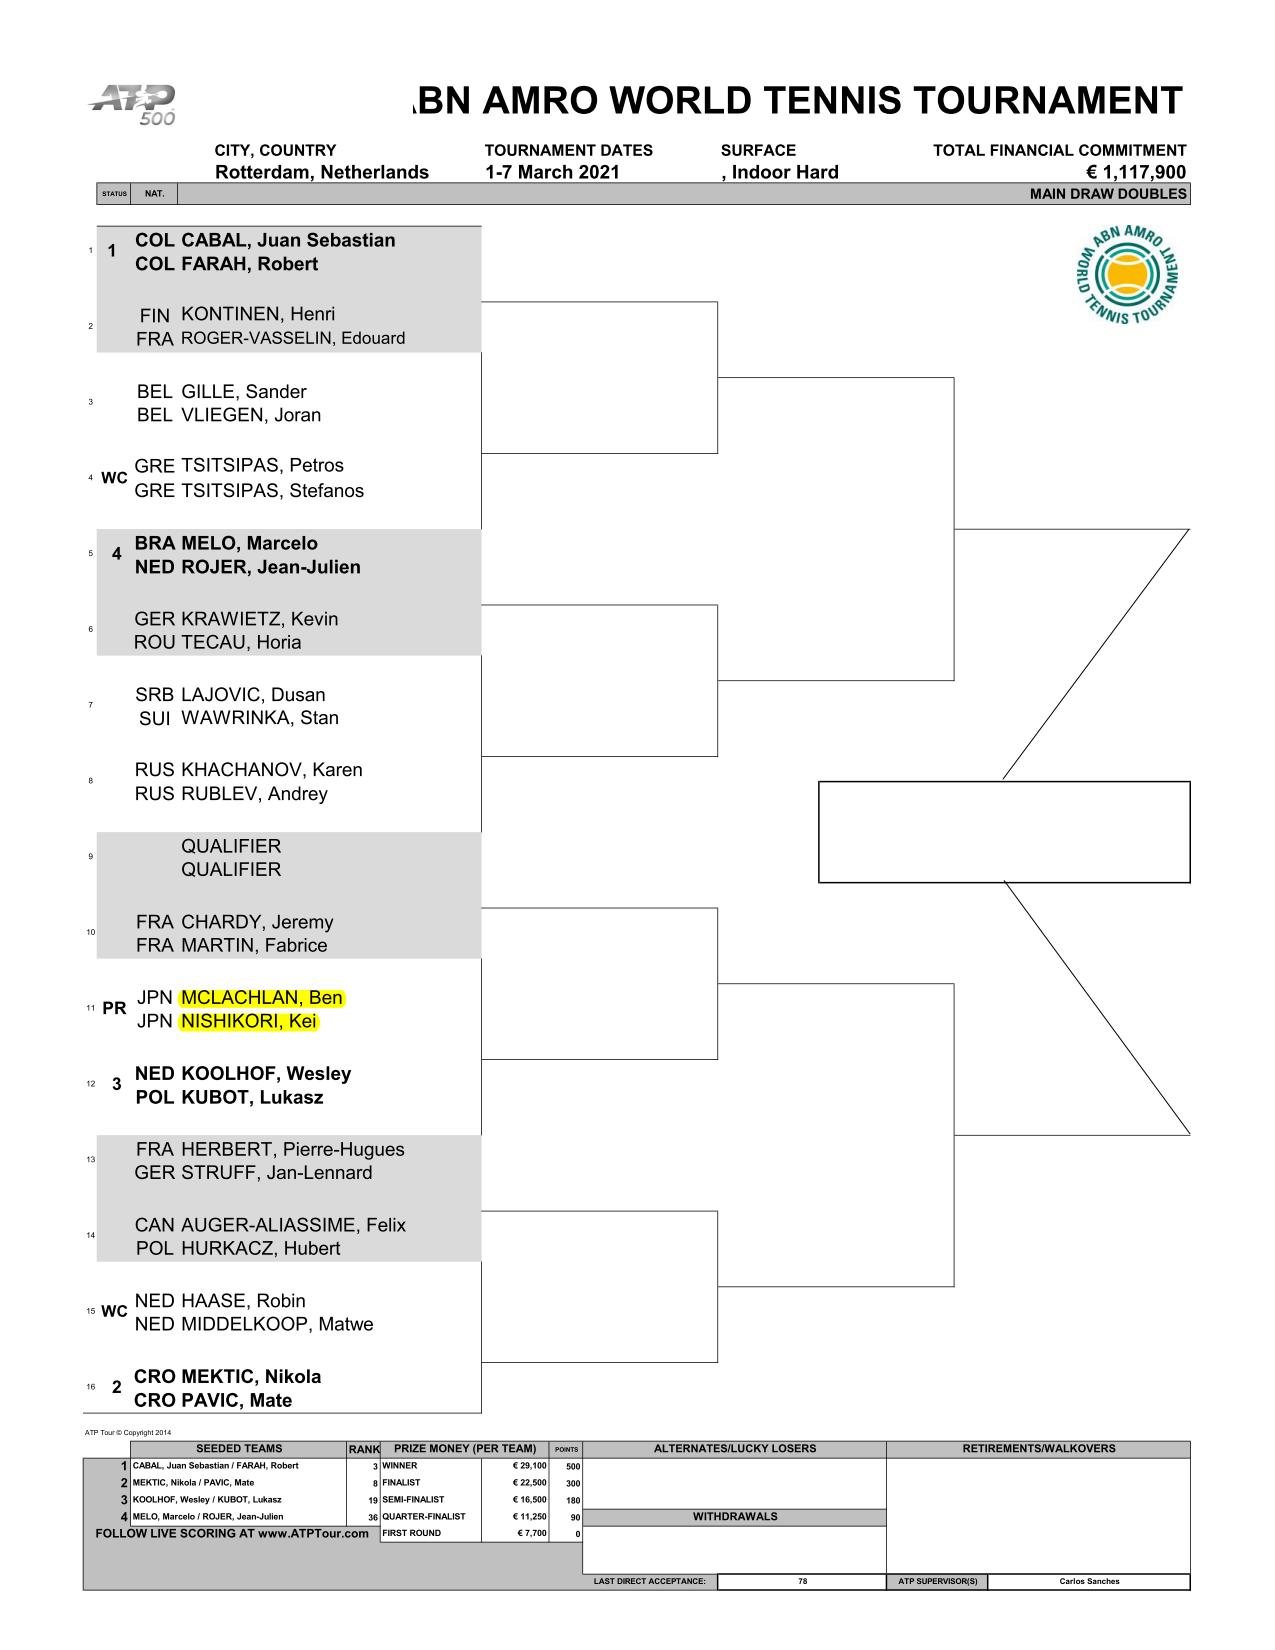 ABNアムロ世界テニス・トーナメントの男子ドロー(トーナメント表)